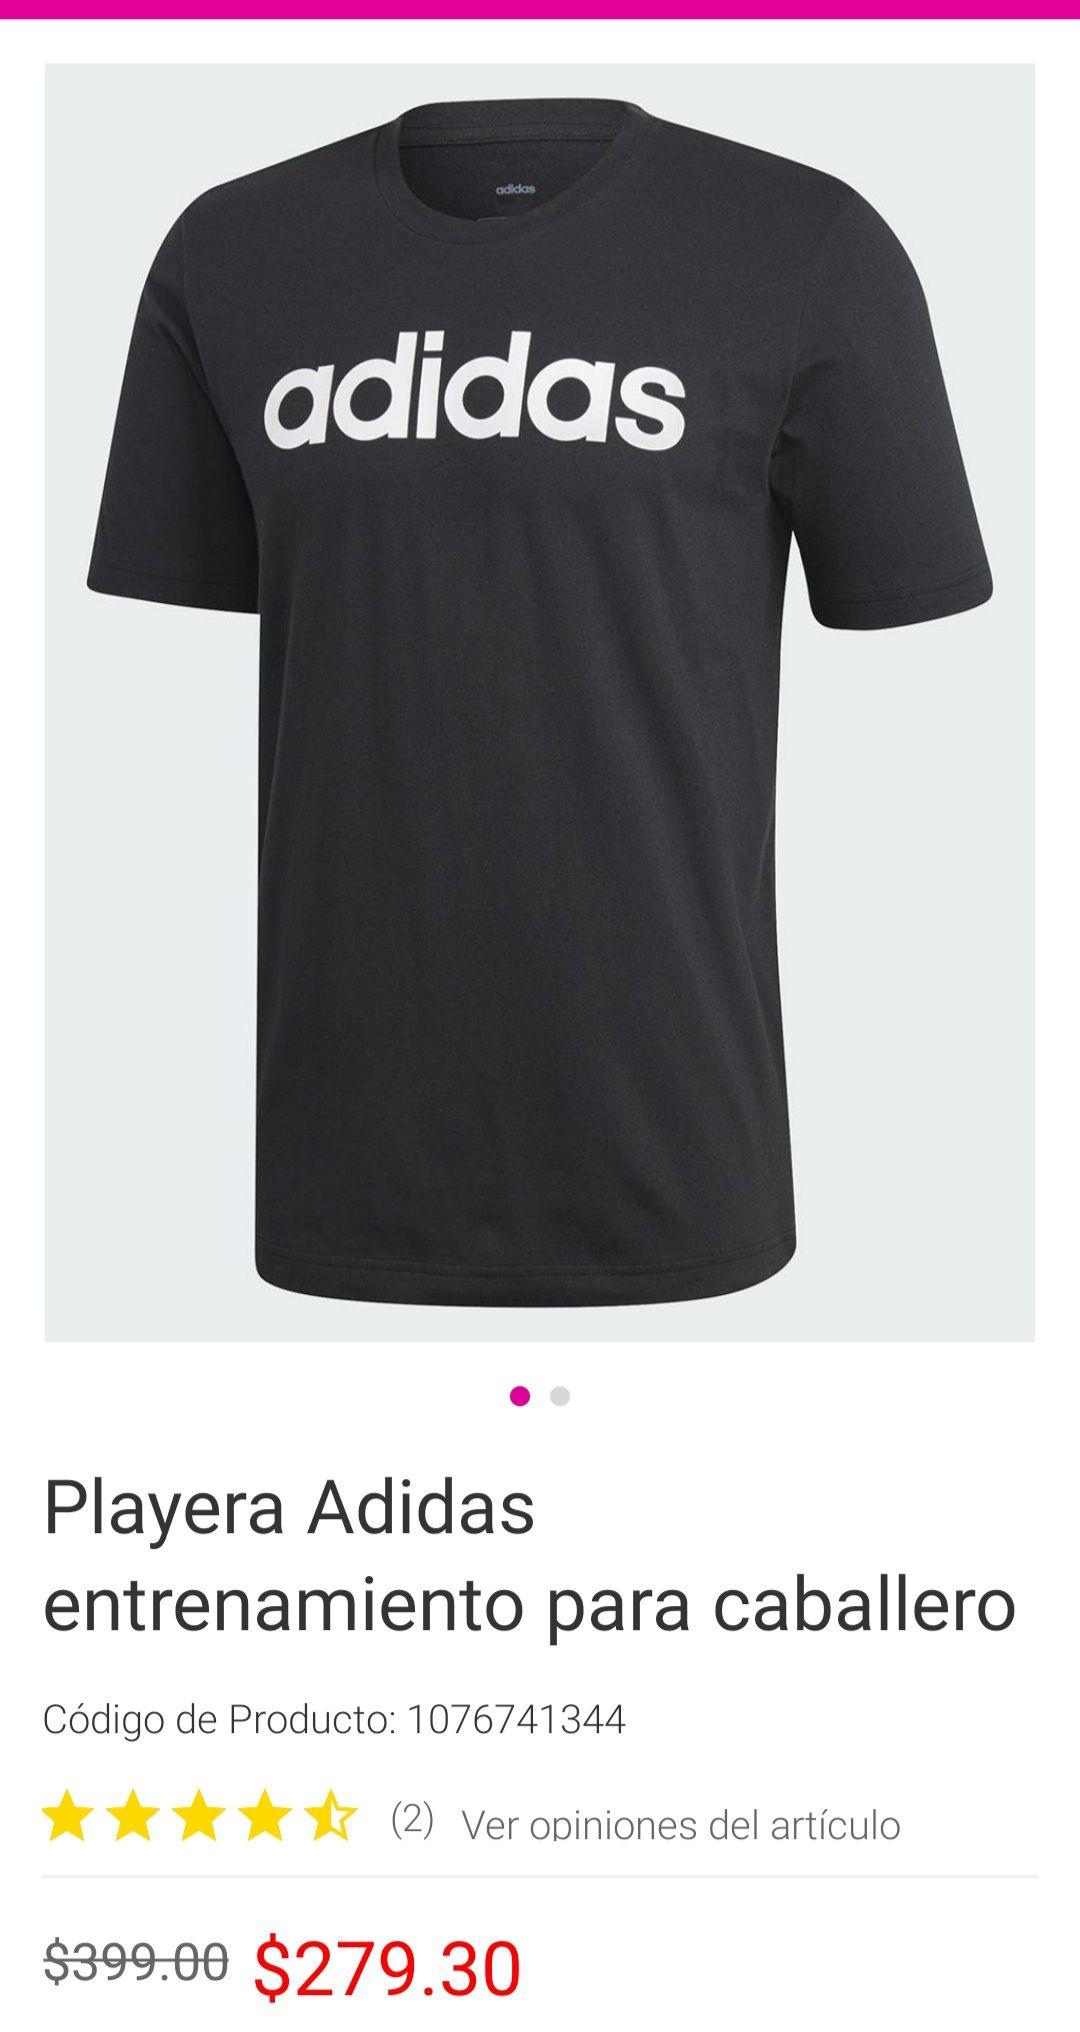 Liverpool, Playeras adidas. (Casuales de algodon y gimnasio)